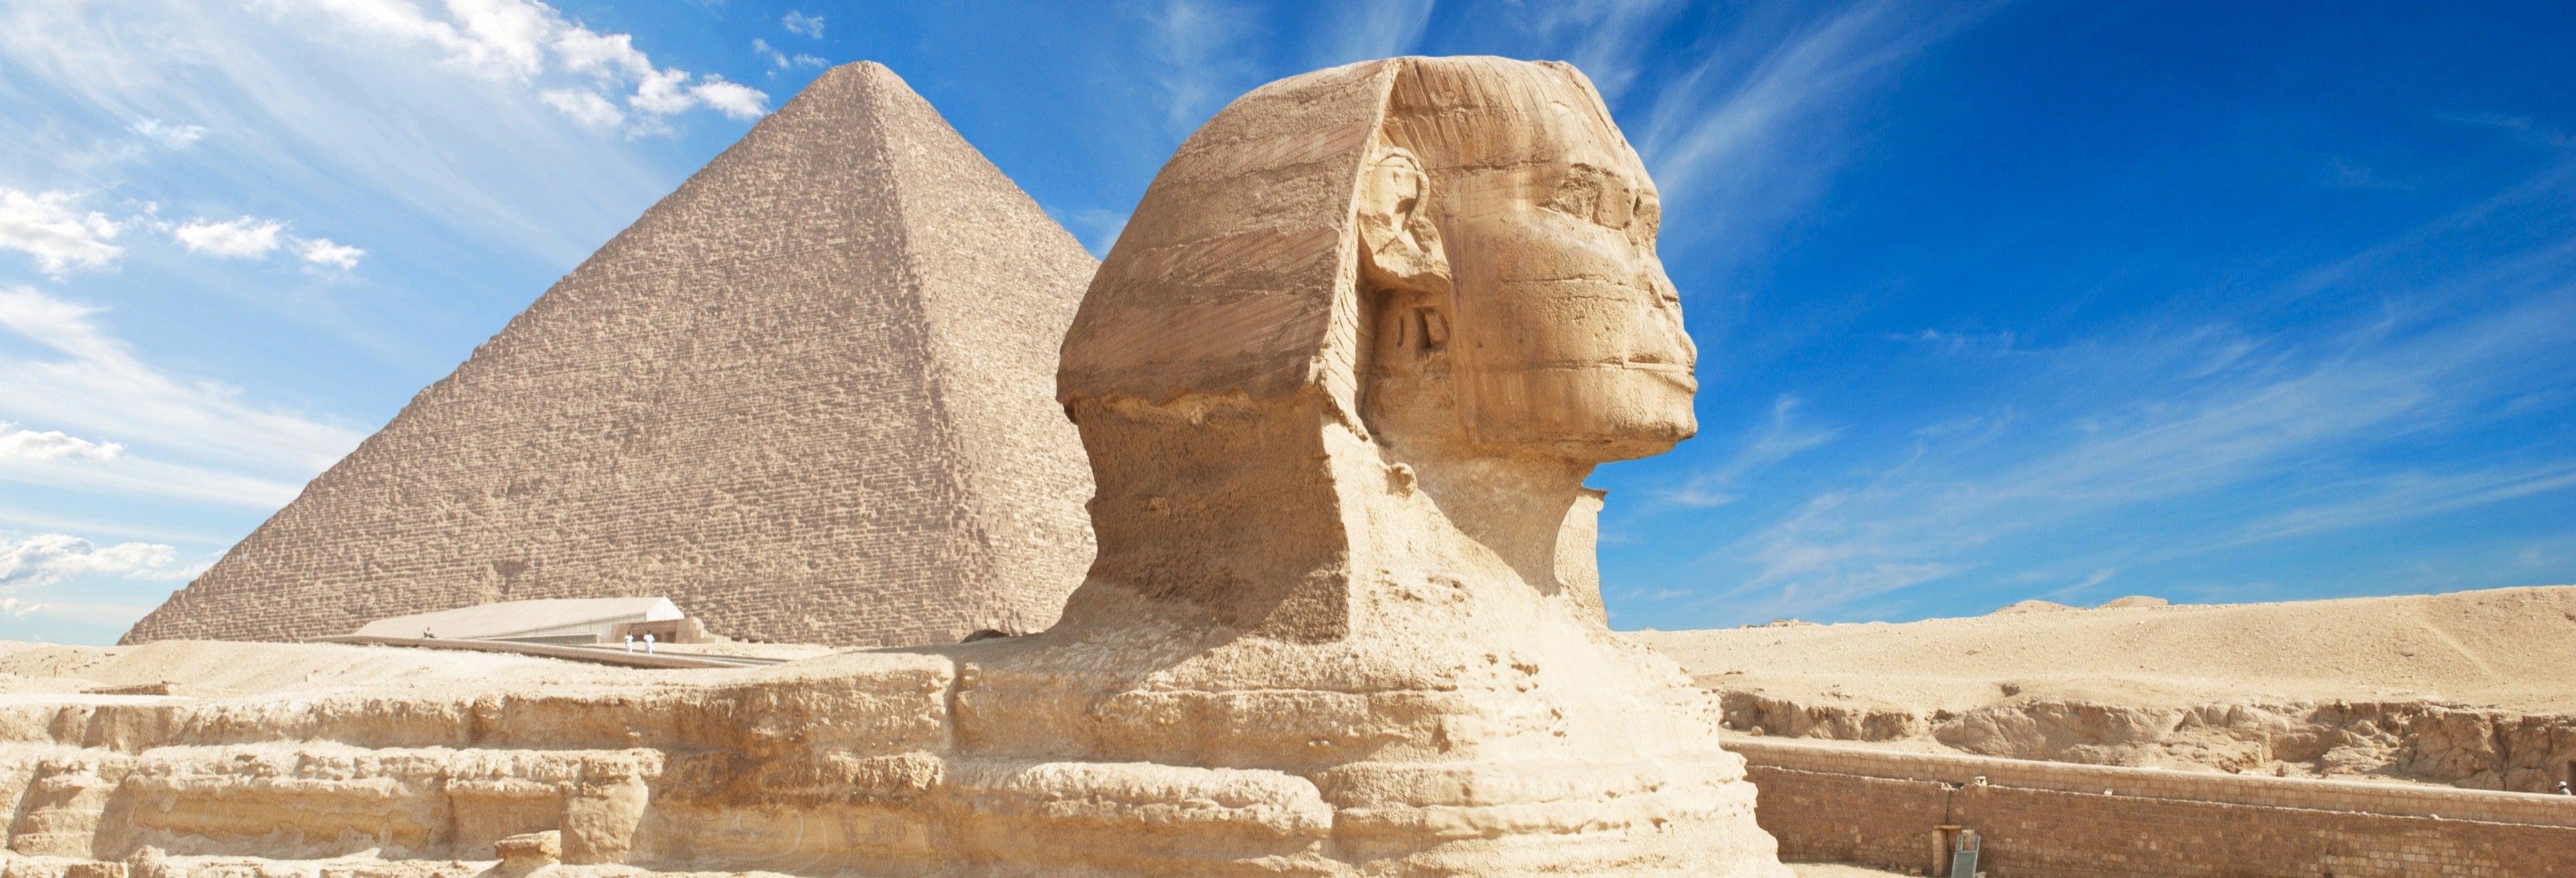 Excursión a El Cairo y las pirámides de Giza